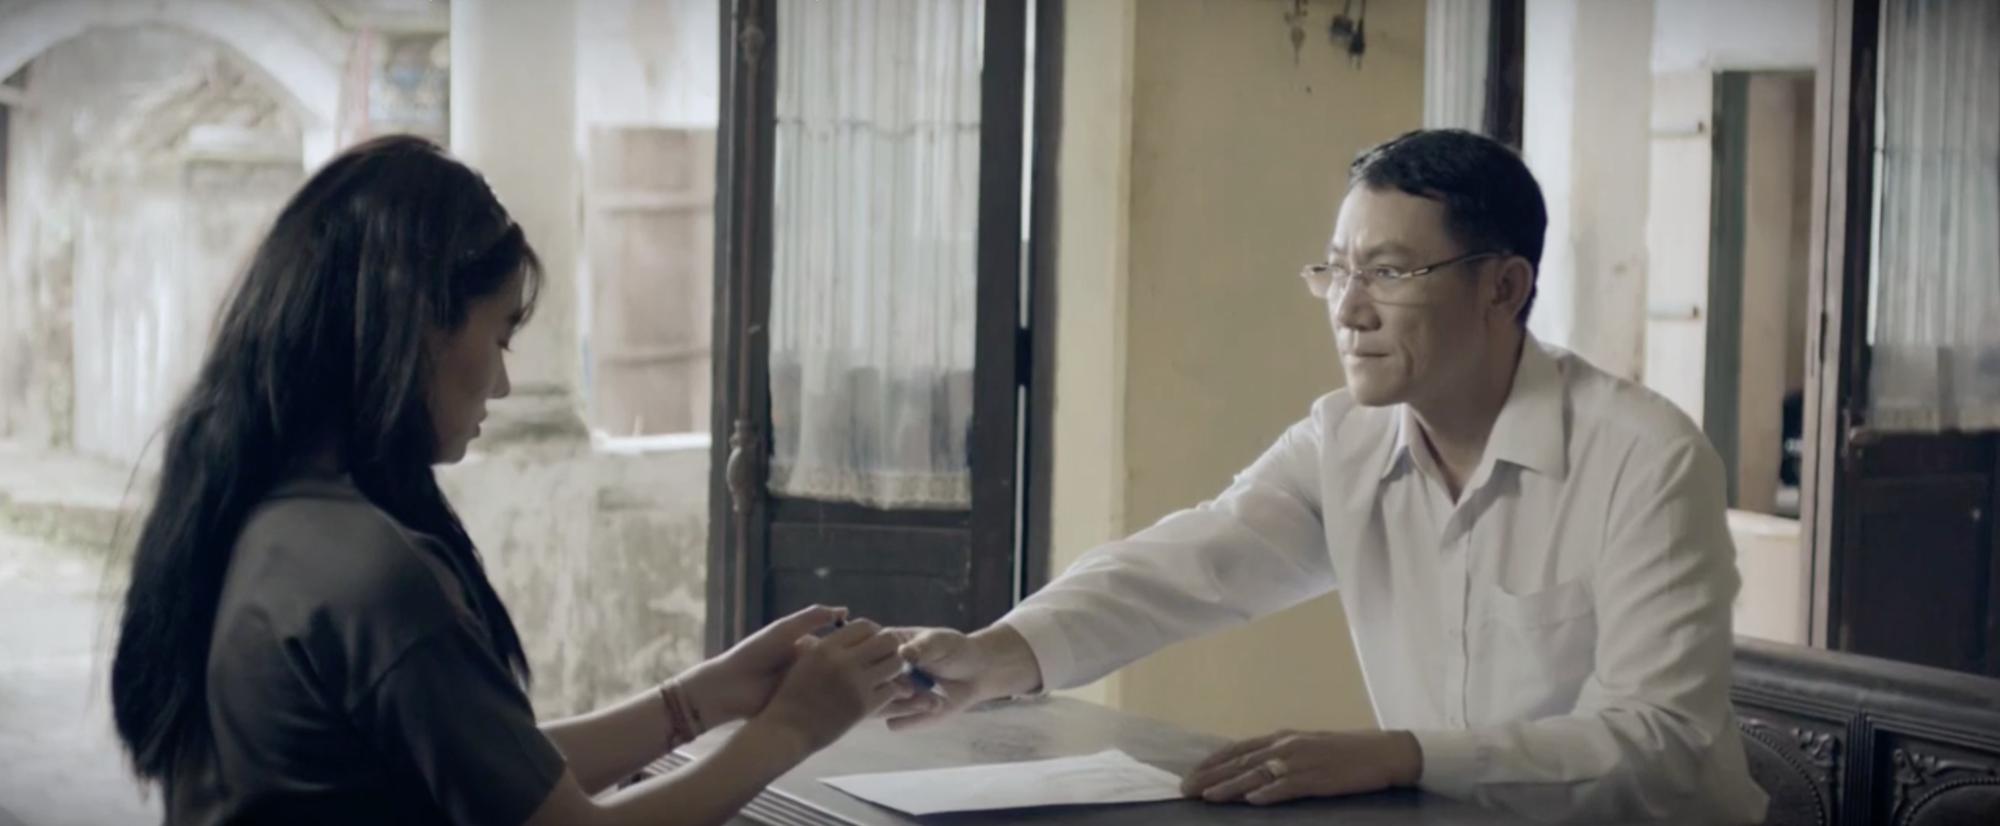 Lưu Đê Ly đối diện với nỗi ám ảnh cuộc đời, Huỳnh Anh nhanh chóng ra tay trong Chạy Trốn Thanh Xuân - Ảnh 5.